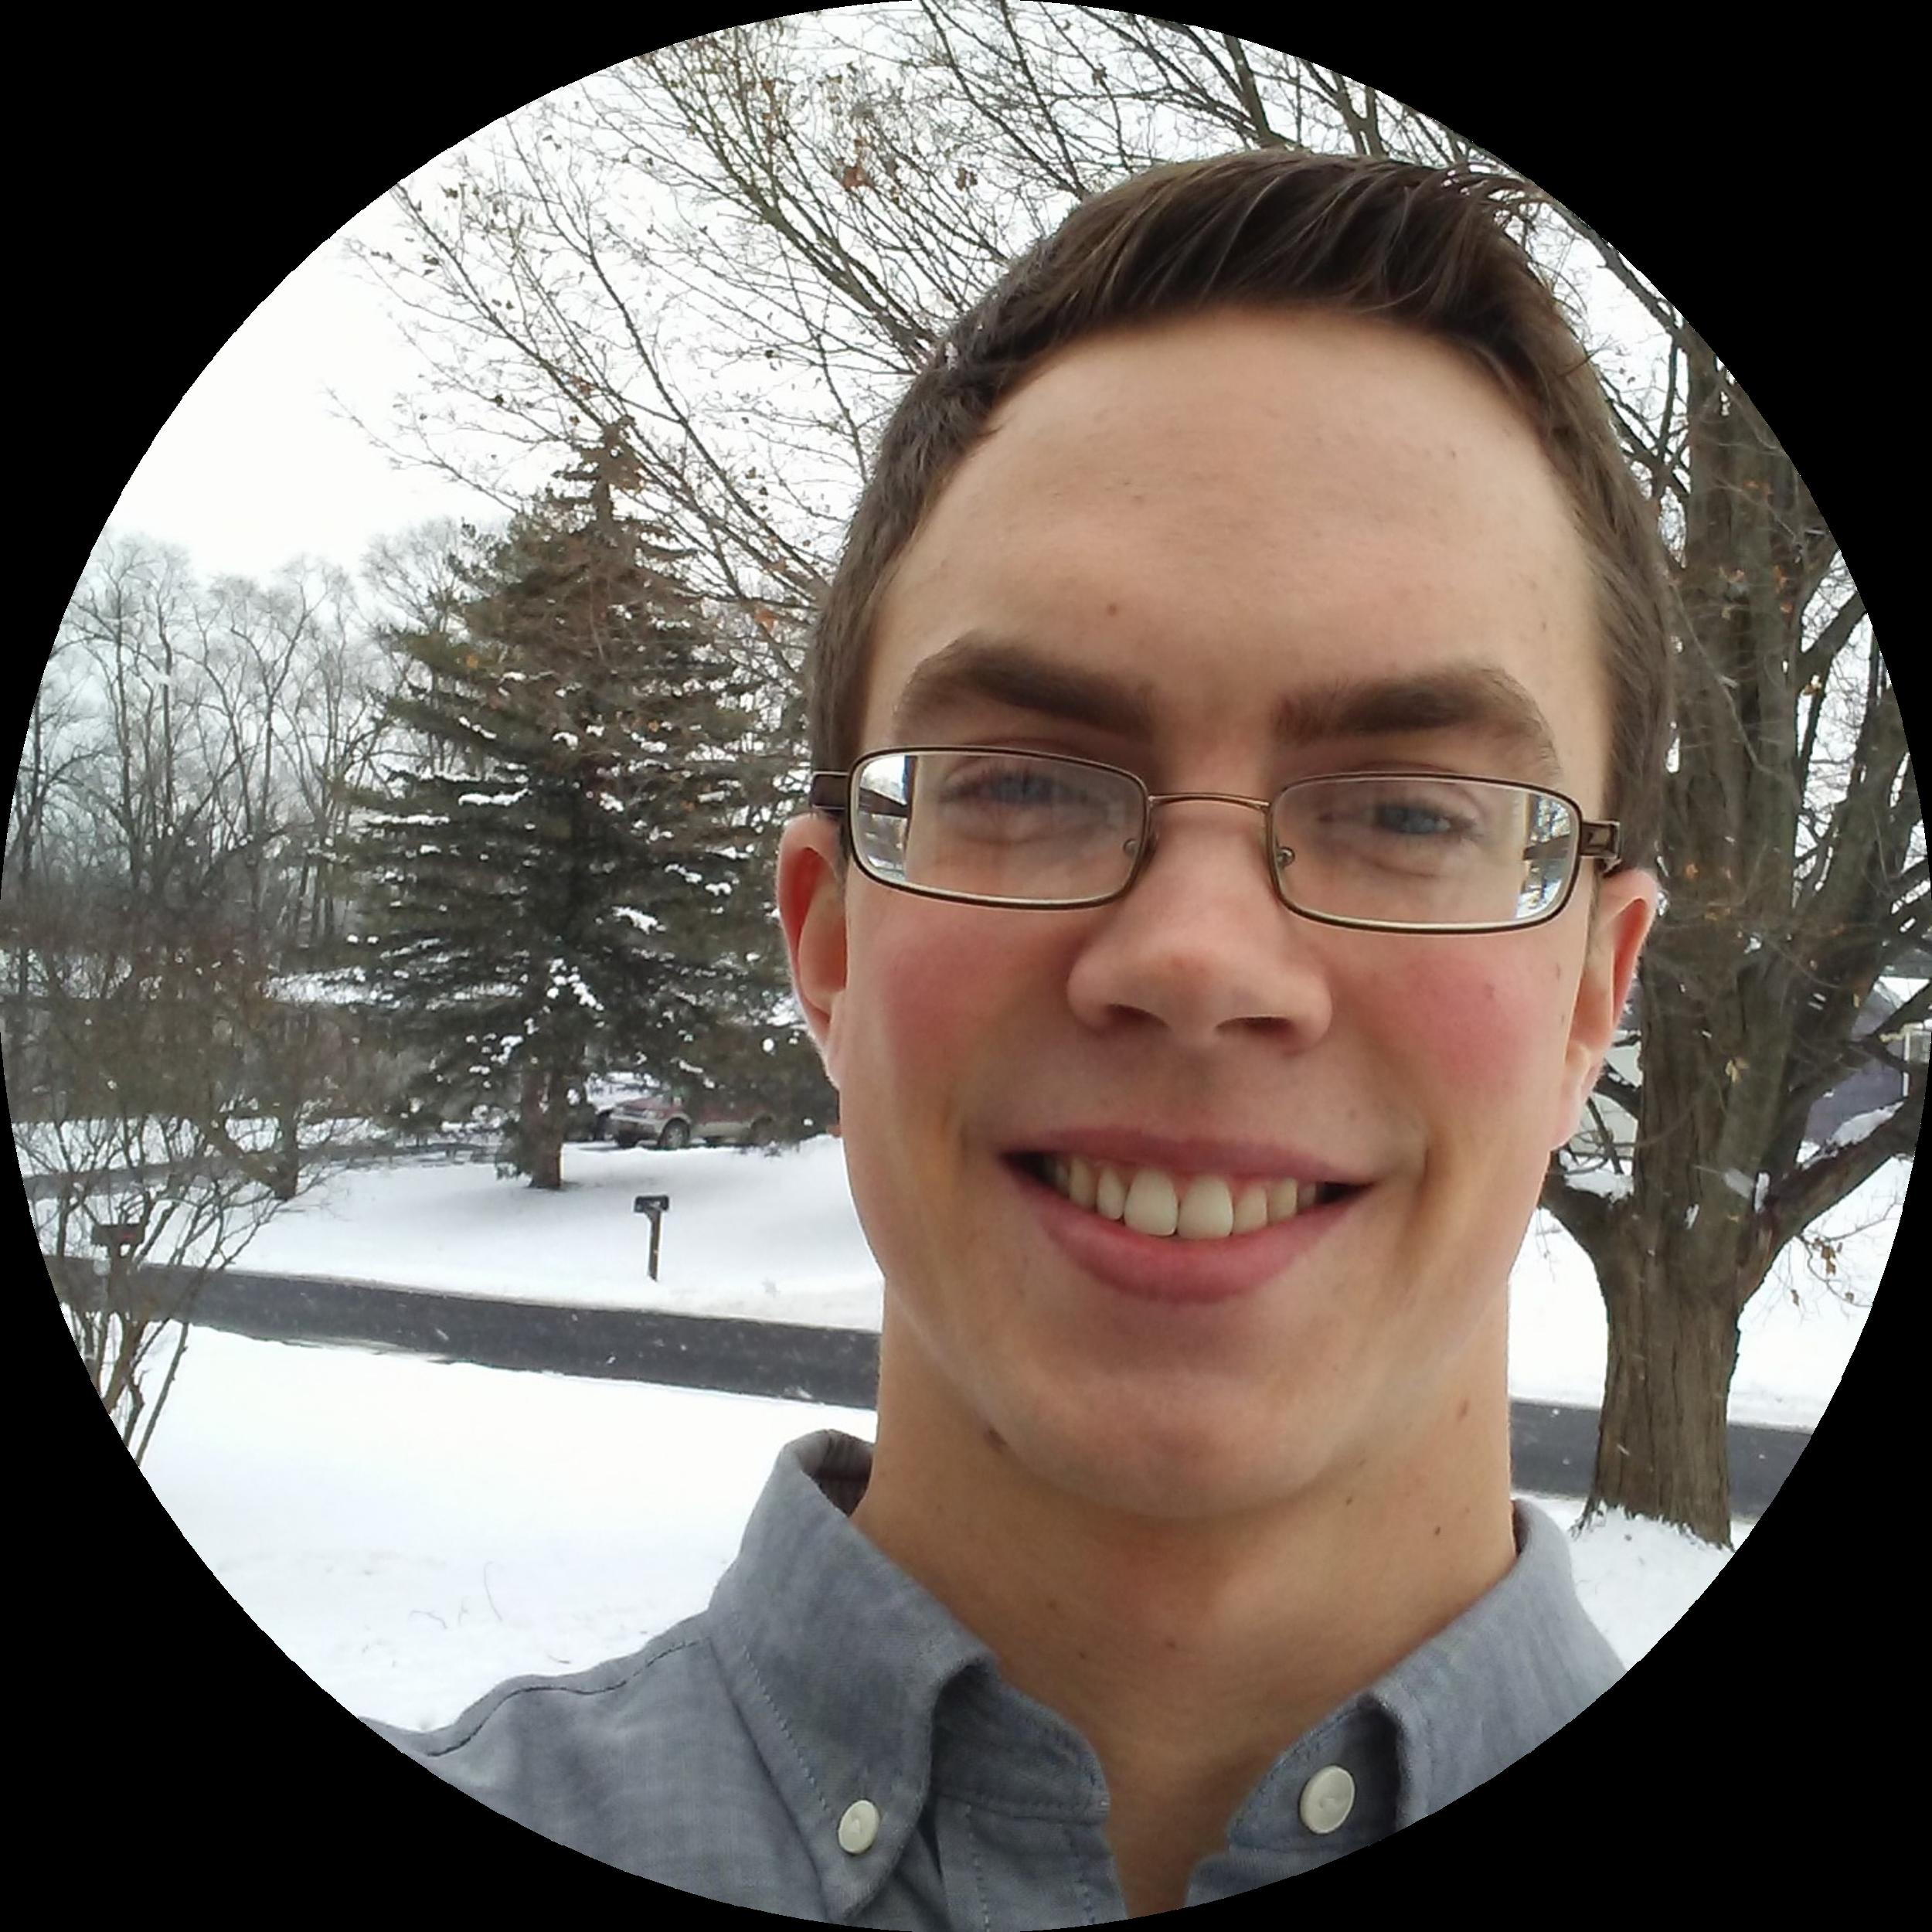 Doug Moran - Lead Writer, Lore Research